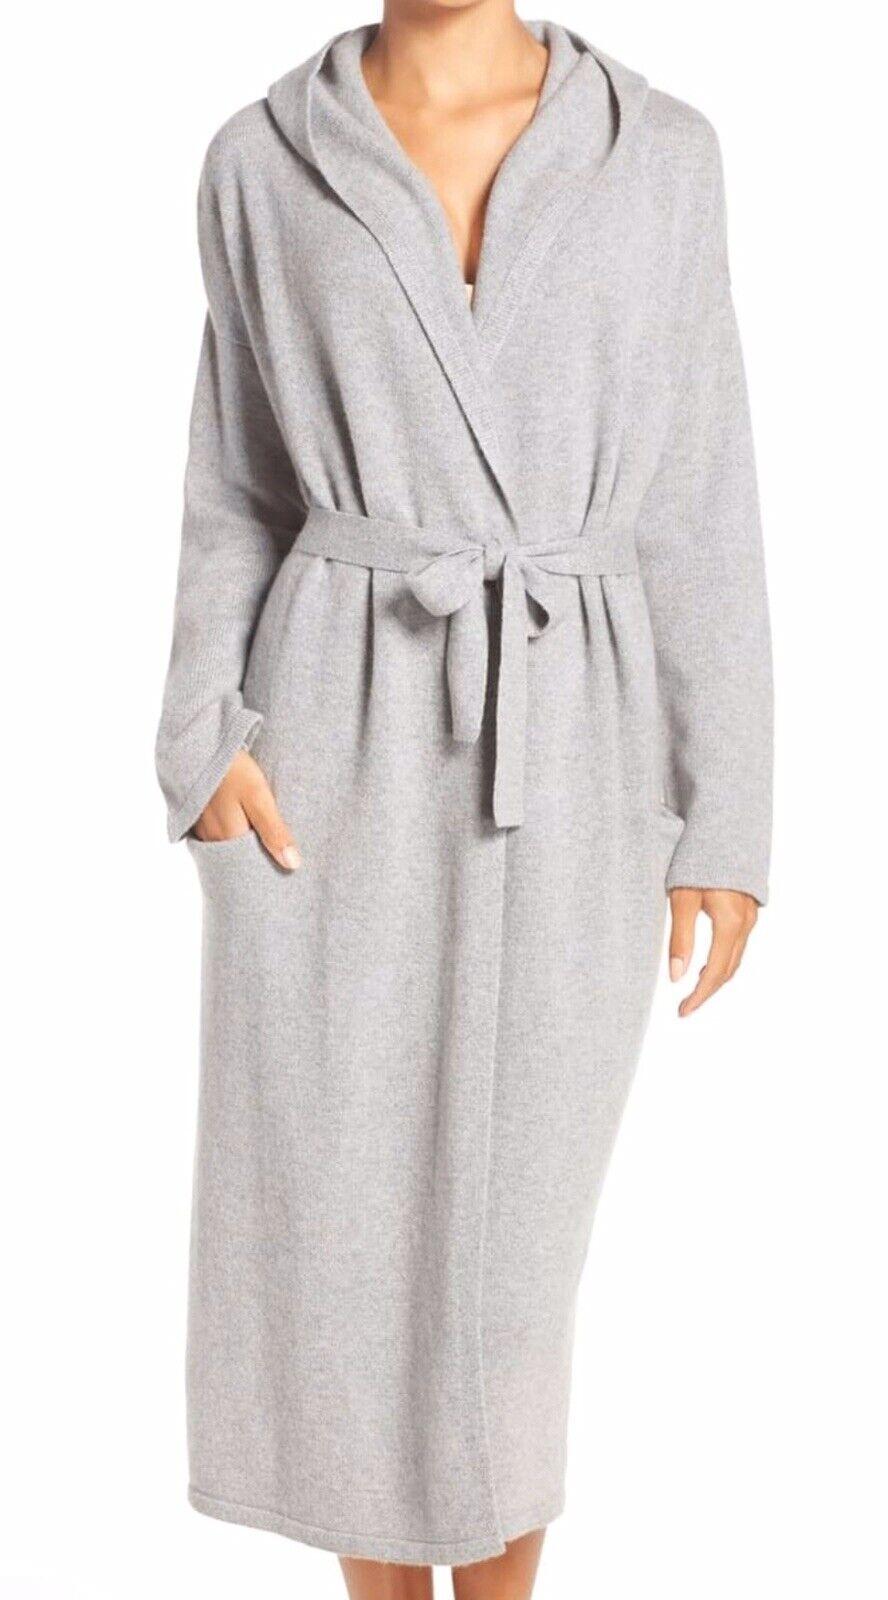 UGG Australia Women EVIE 100%cashmere